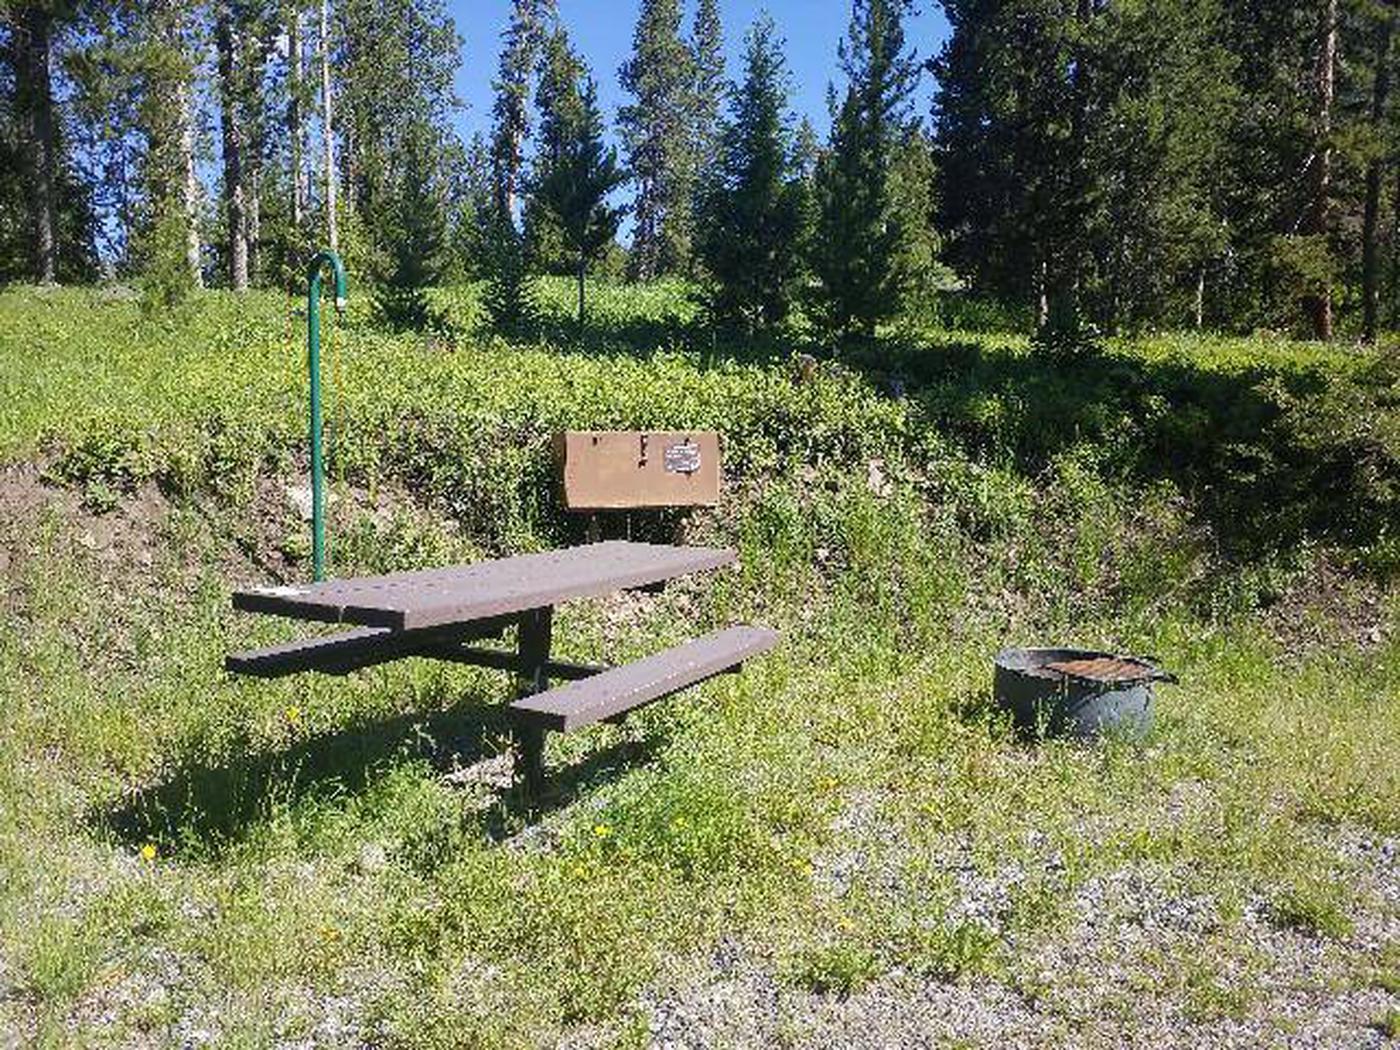 Threemile Campground Campsite 2 - Picnic Area